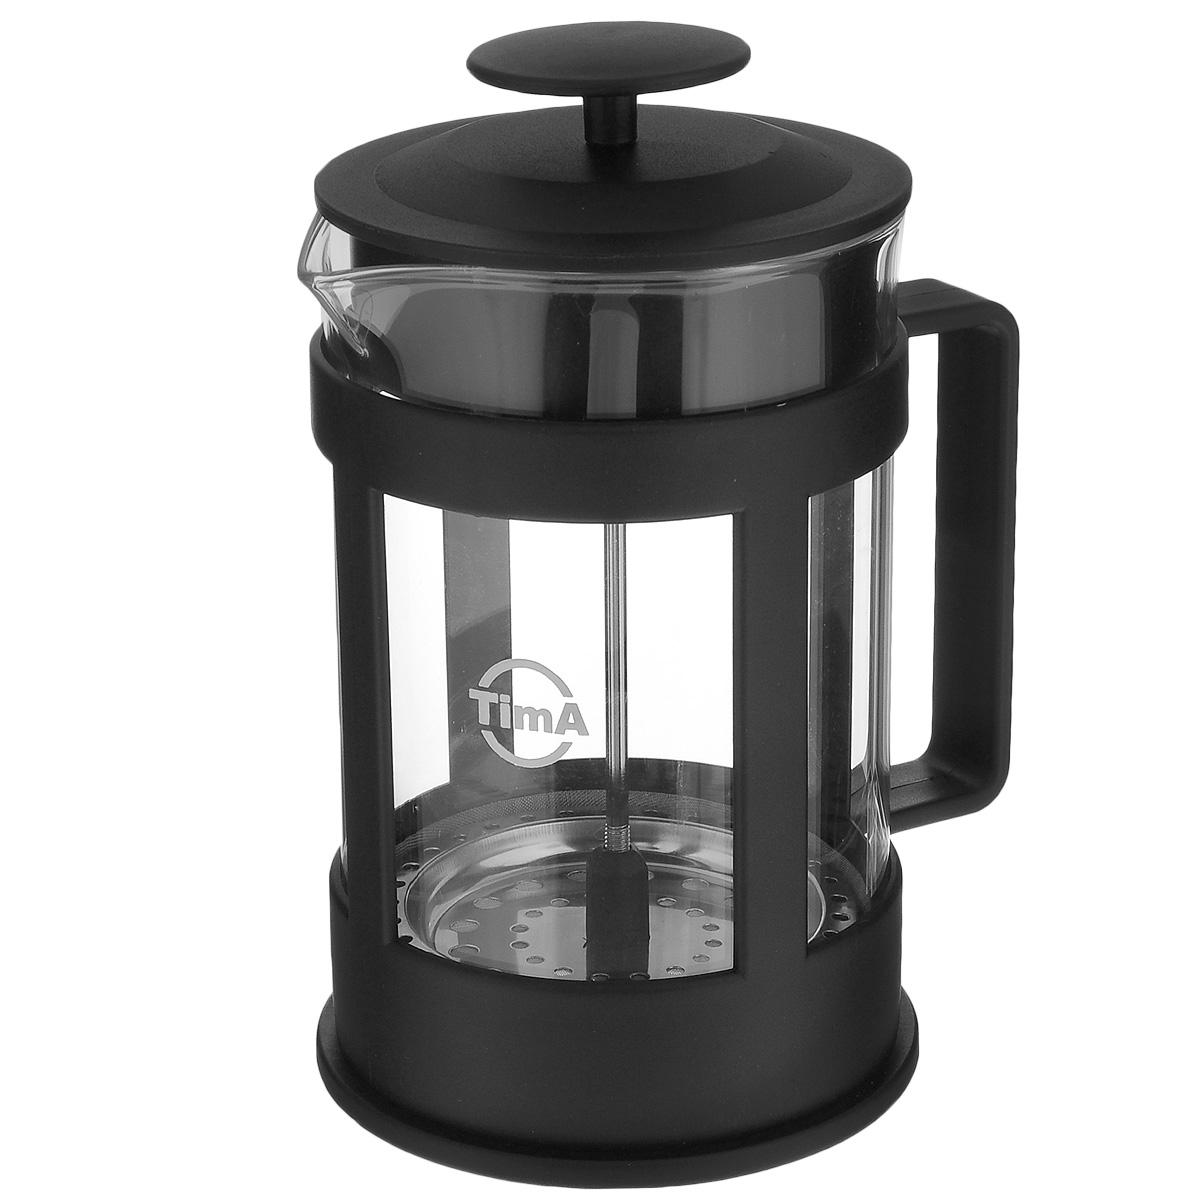 Френч-пресс TimA Марципан, 800 млFM-800Френч-пресс TimA Марципан, изготовленный из жаропрочного стекла и высококачественного пластика, это совершенный чайник для ежедневного использования. Изделие с плотной крышкой и удобной ручкой имеет специальный поршень с фильтром из нержавеющей стали для отделения чайных листьев от воды. После заваривания чая фильтр не надо вынимать. Заваривание чая - это приятное и легкое занятие. Френч-пресс TimA Марципан займет достойное место на вашей кухне. Нельзя мыть в посудомоечной машине. Объем: 800 мл. Диаметр (по верхнему краю): 9,5 см. Высота (без учета крышки): 16 см.